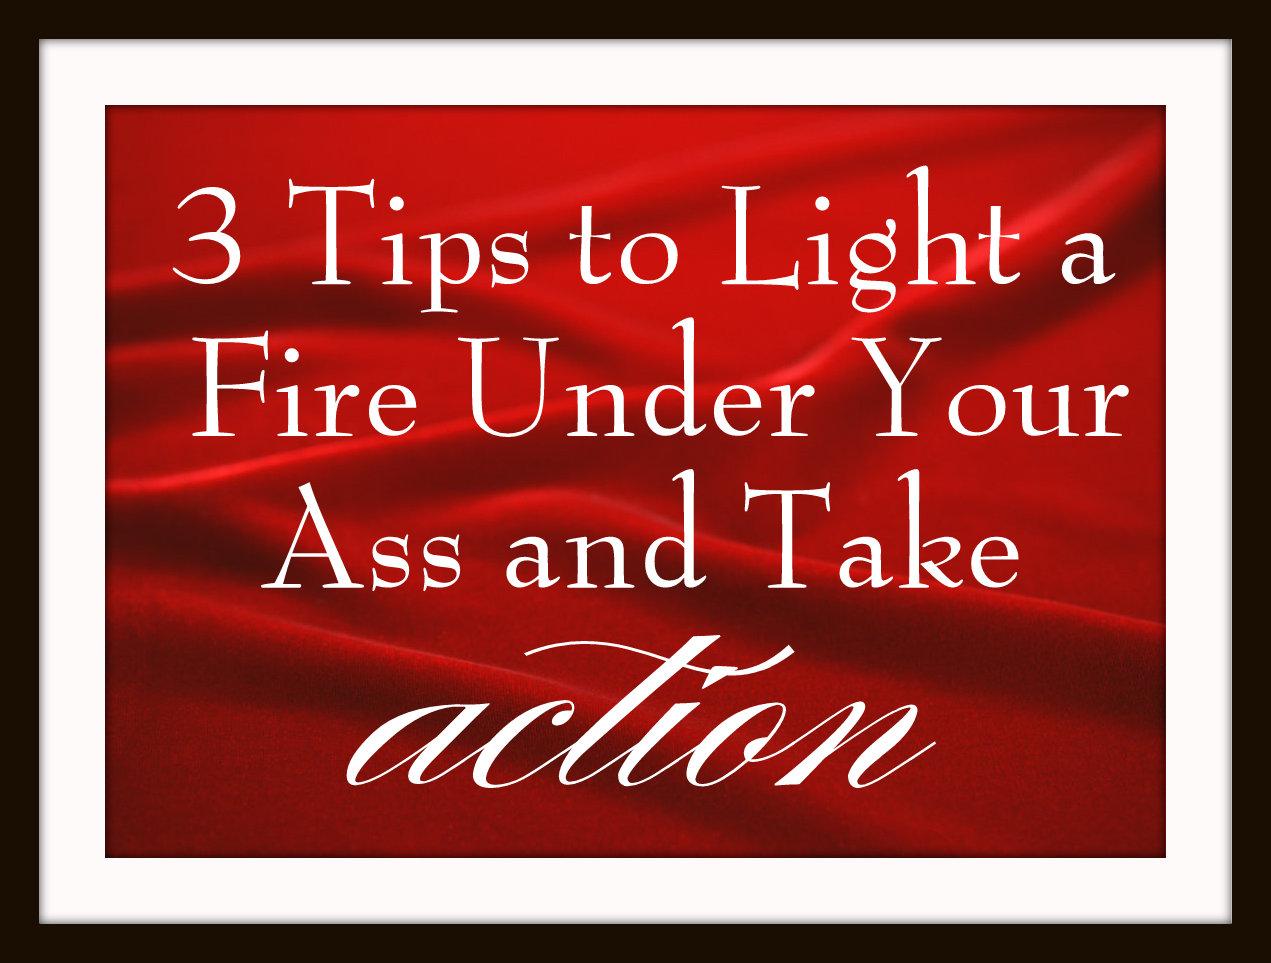 Take Action